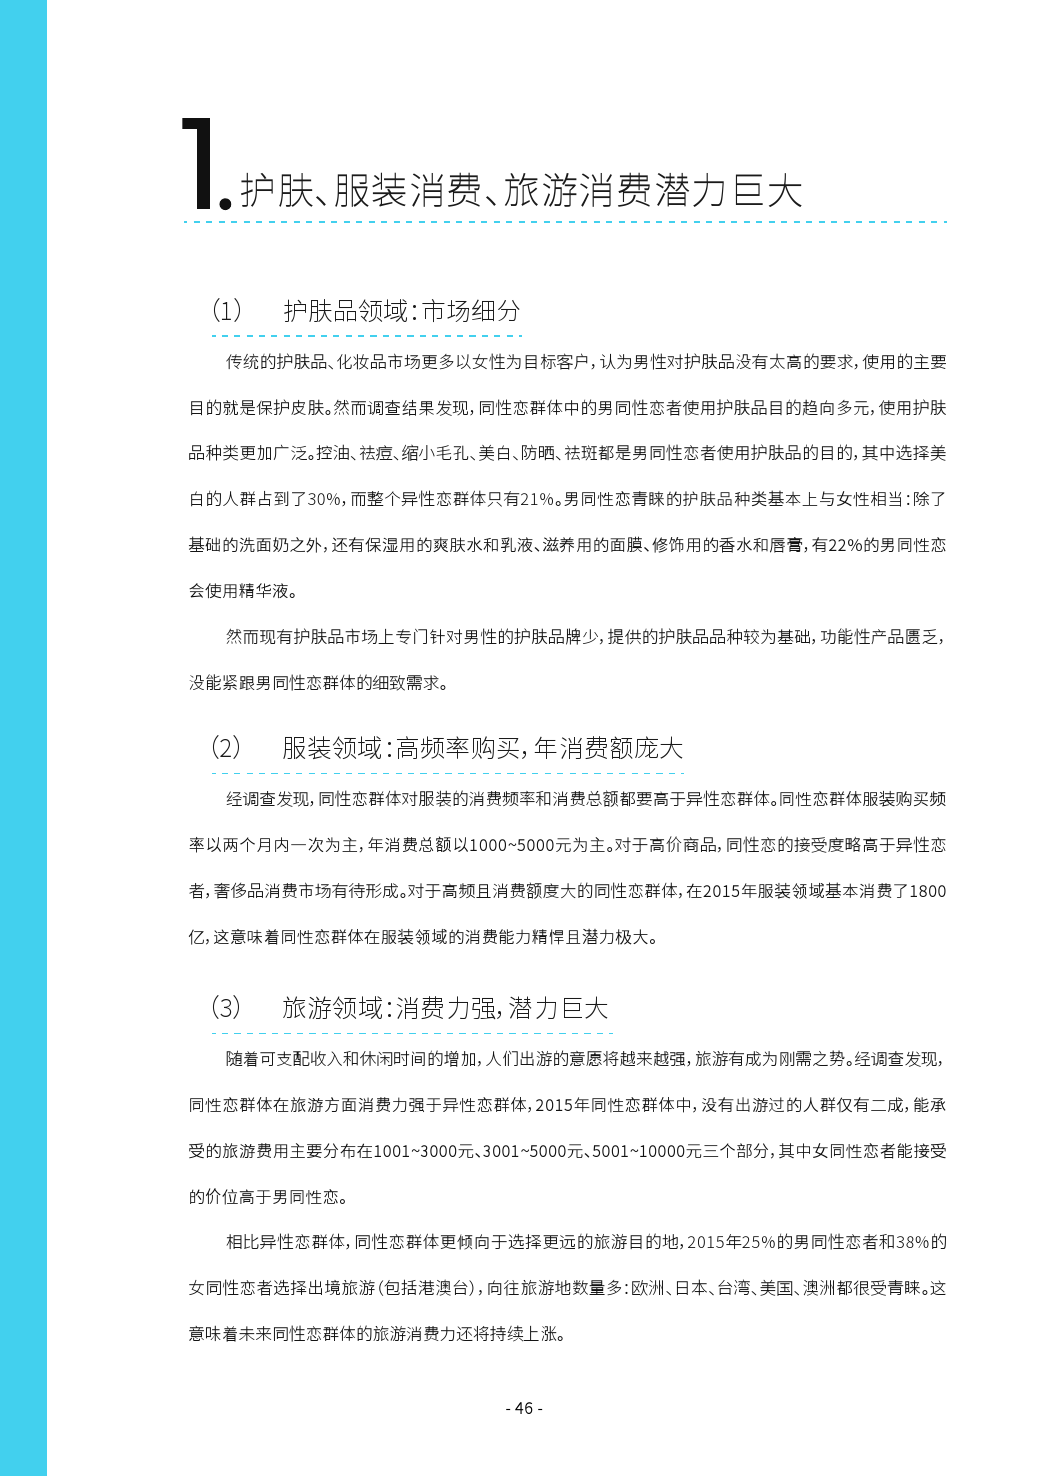 第二届中国LGBT群体消费调查报告_000046